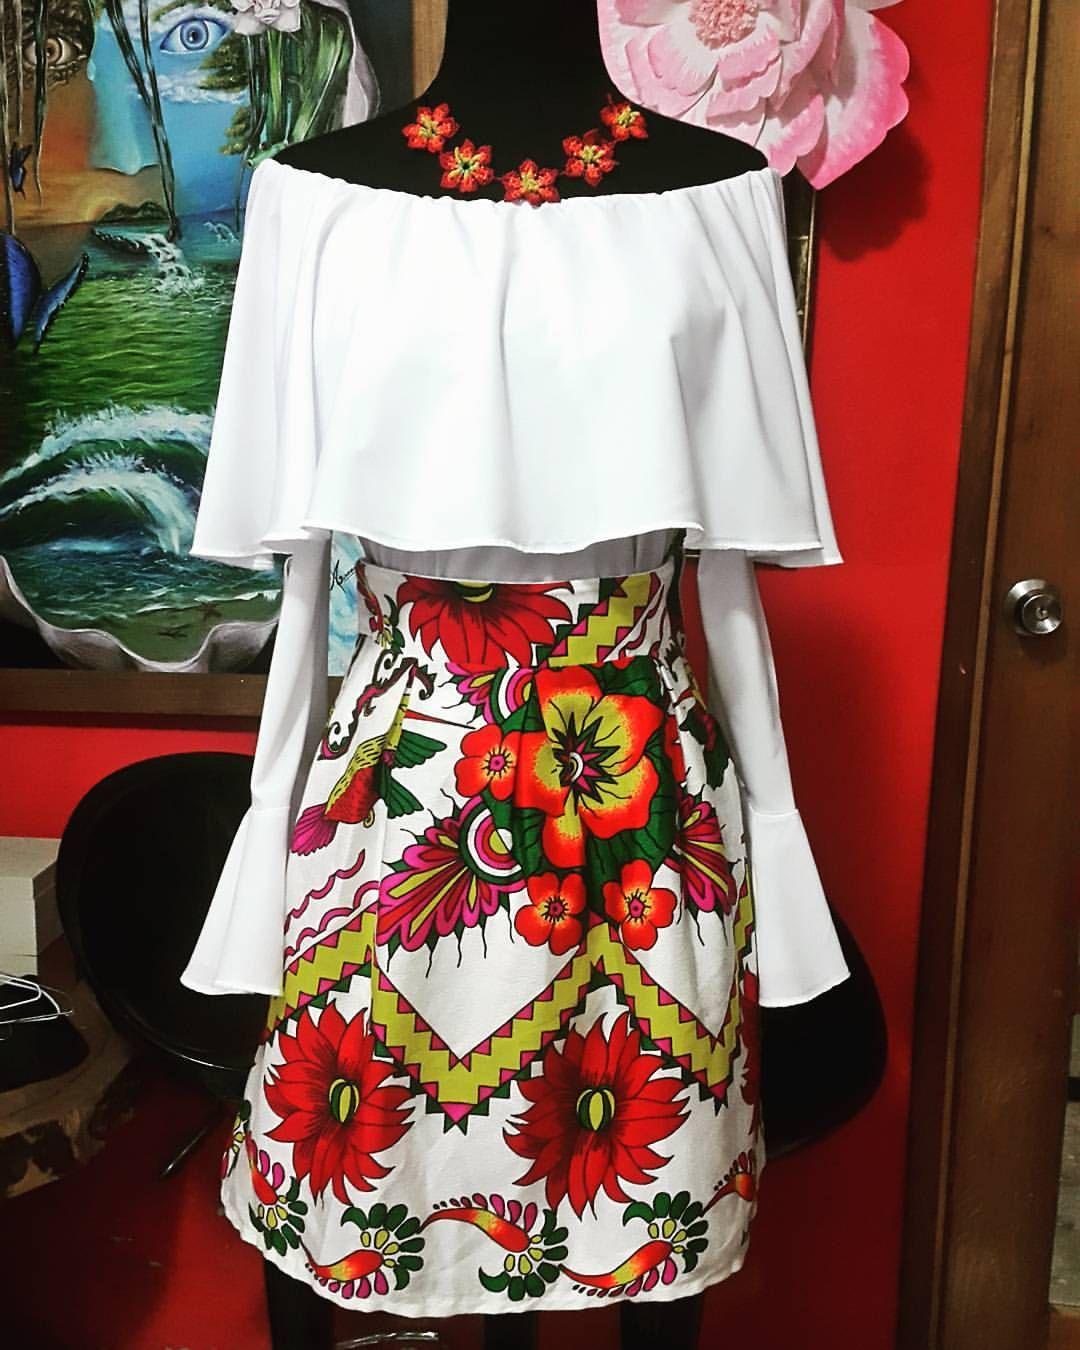 7a75472dd Autistela Salas  fashion  glamour  Vestidos  vestidosestilizados  panama   paruma  etnicos  embera  models  modelos  designer  diseños  cute  outfit  ...